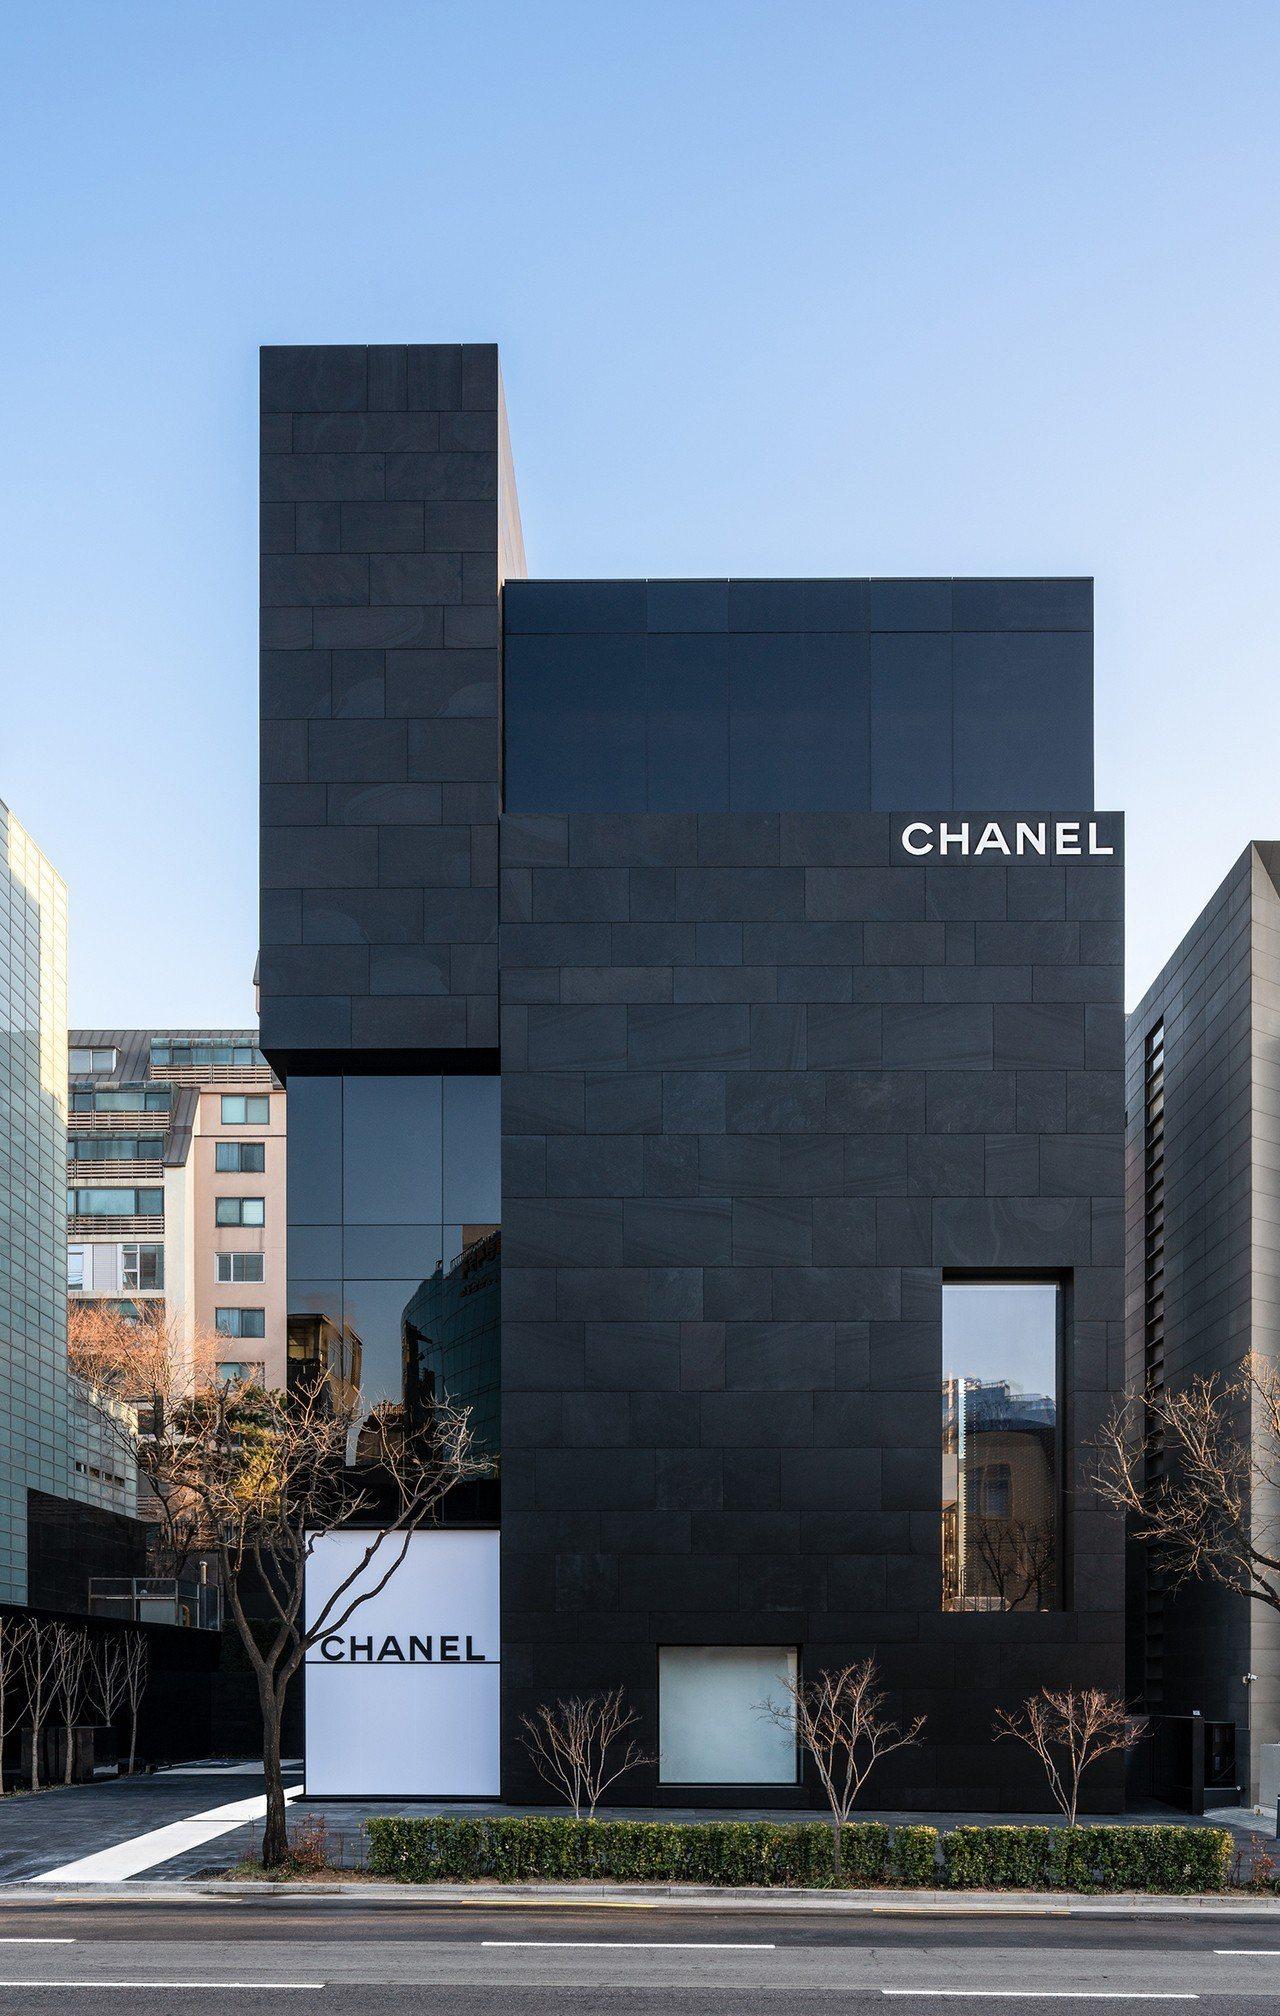 新開幕的江南區狎鷗亭羅德奧街店,是香奈兒首爾首家旗艦店,寬敞的7層建築擁有俐落極...